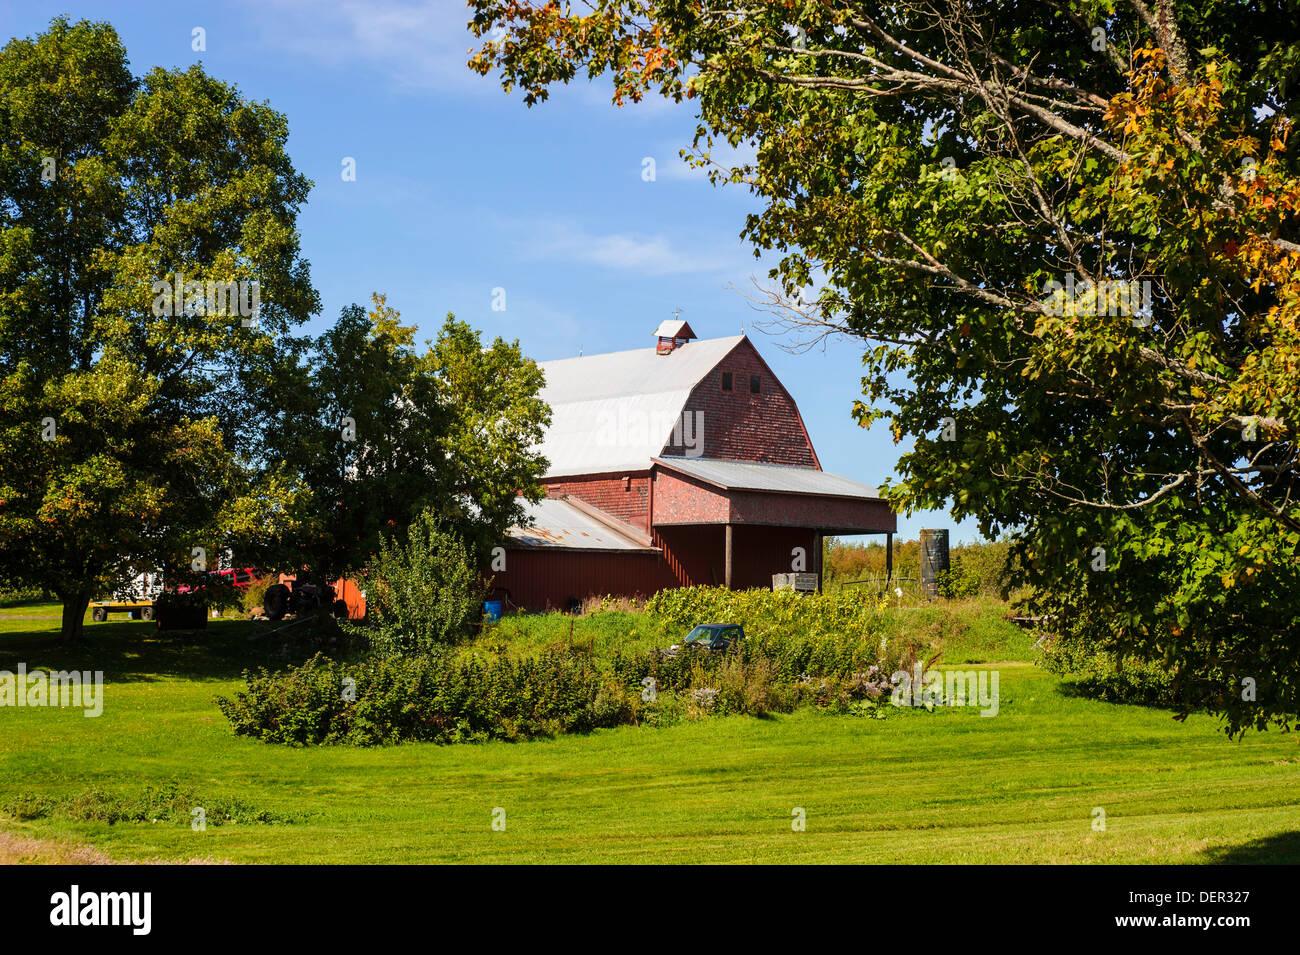 Gable Barn Imágenes De Stock & Gable Barn Fotos De Stock - Alamy